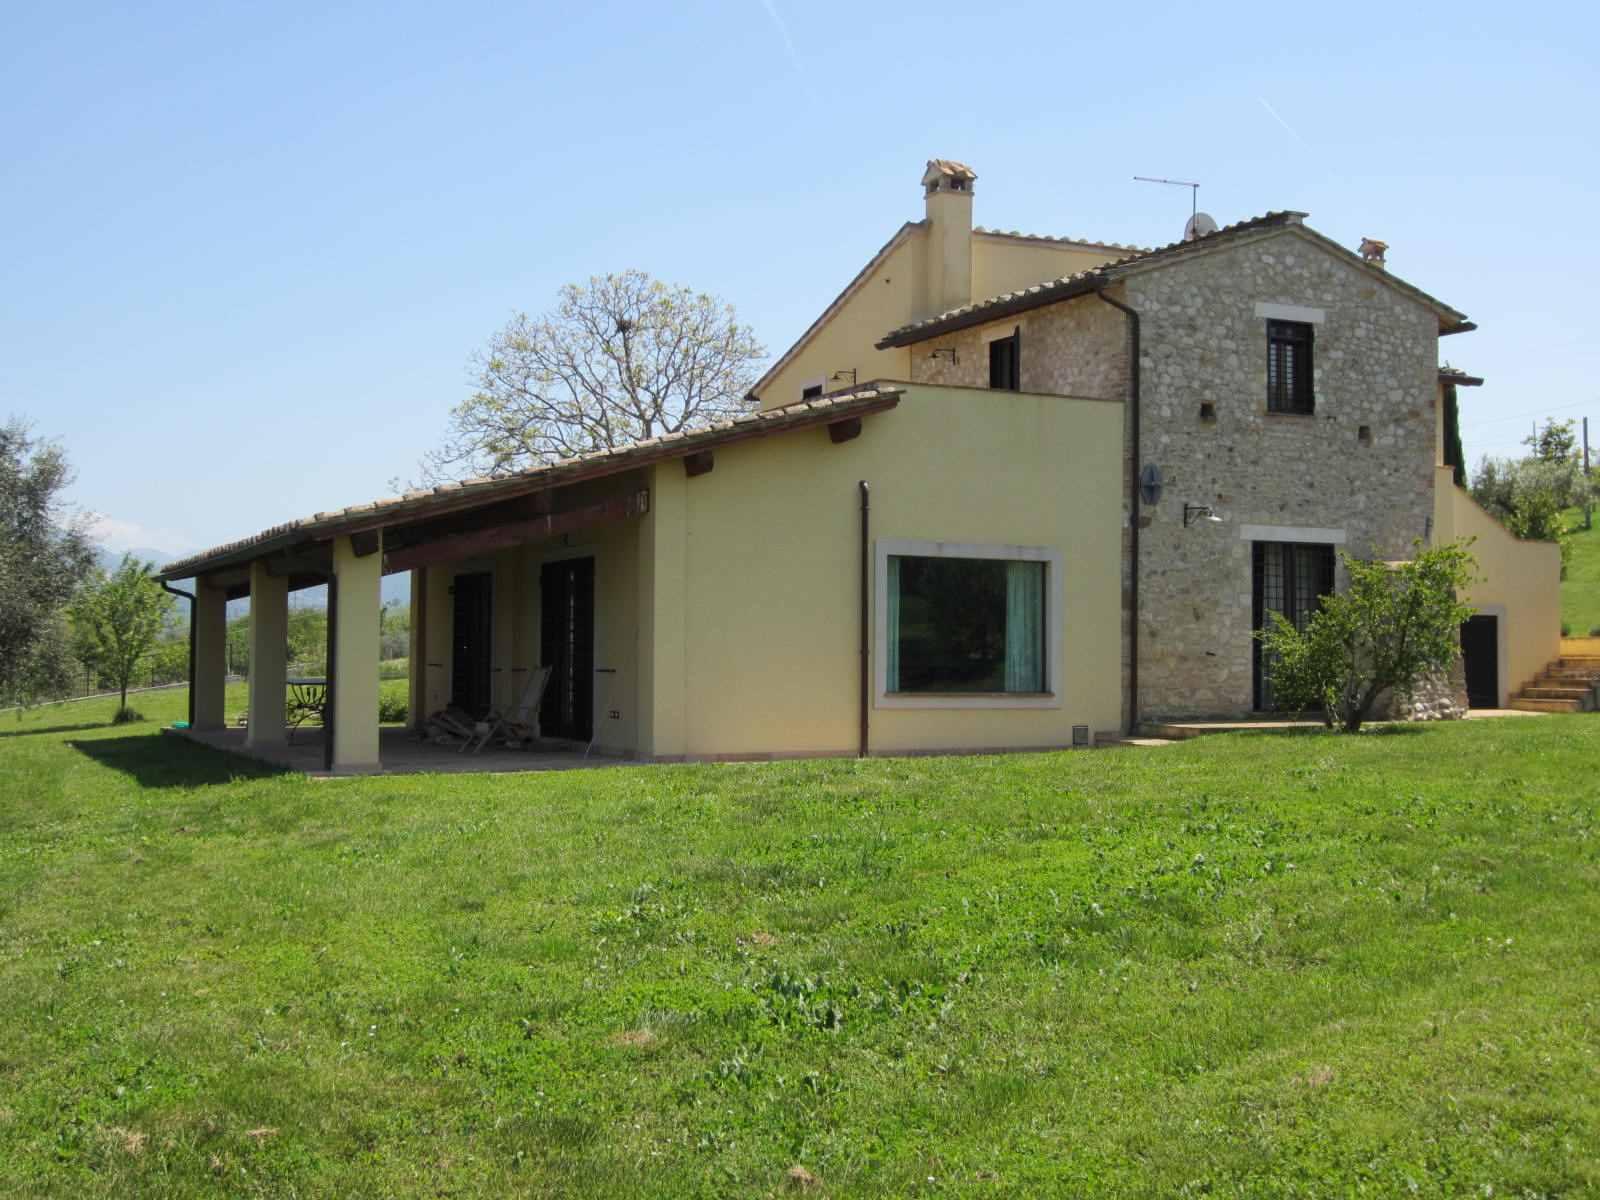 affitto villa campagna calvi dell umbria 8263 (20130708220715-2013-53150-NDP.JPG)